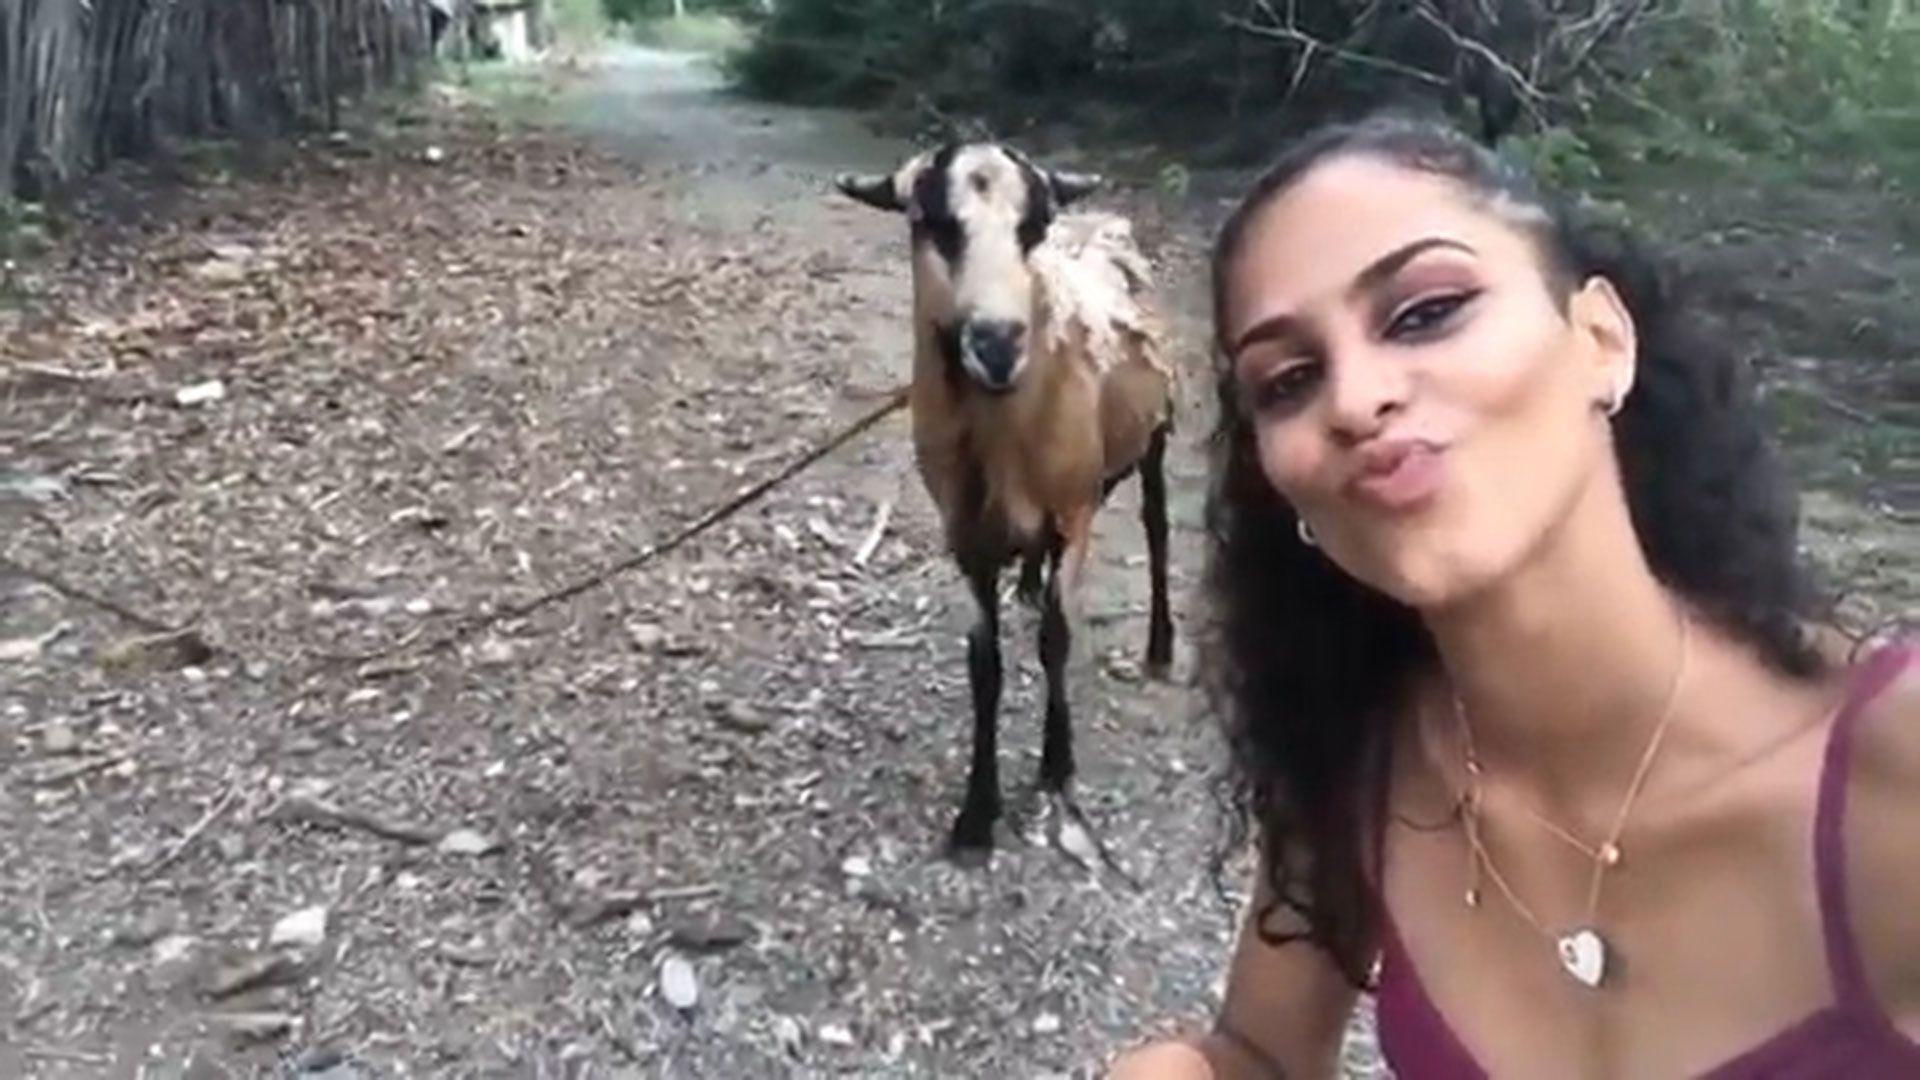 La joven, que no ha sido identificada, quería tomarse una fotografía al lado de la cabra (captura de pantalla)